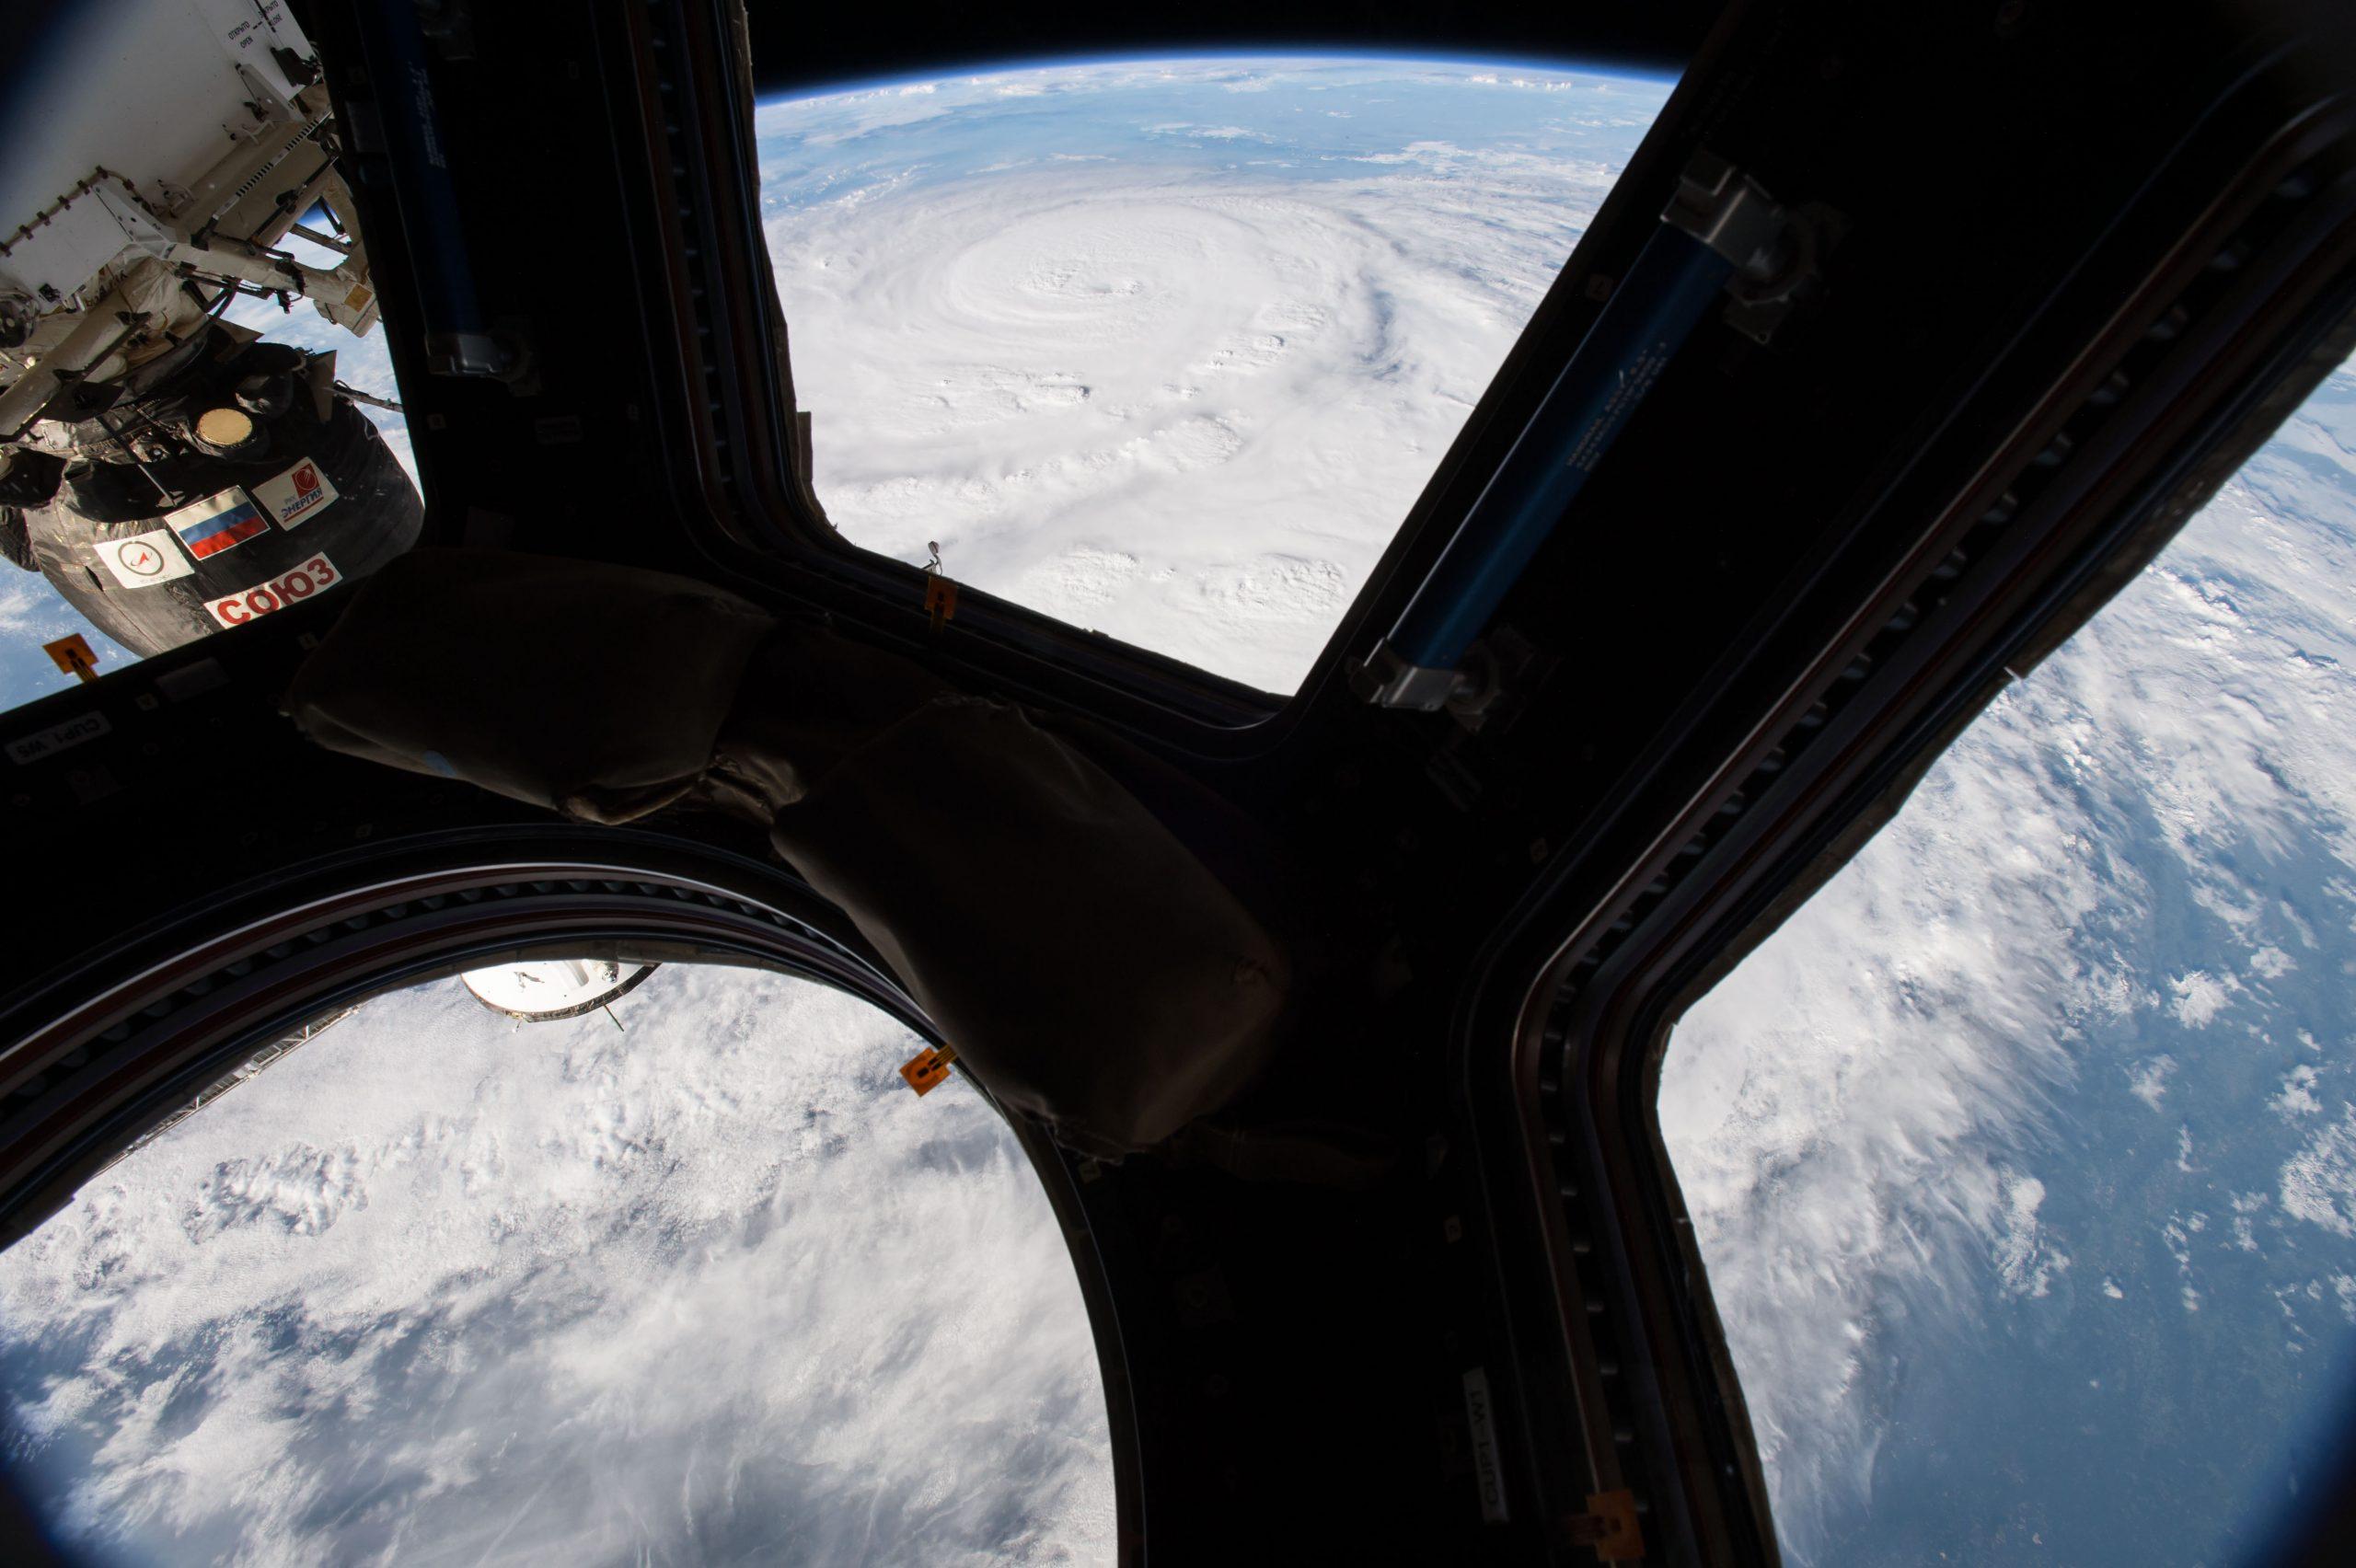 طوفان هاروی از نگاه اتاقک رصد زمین کوپولا